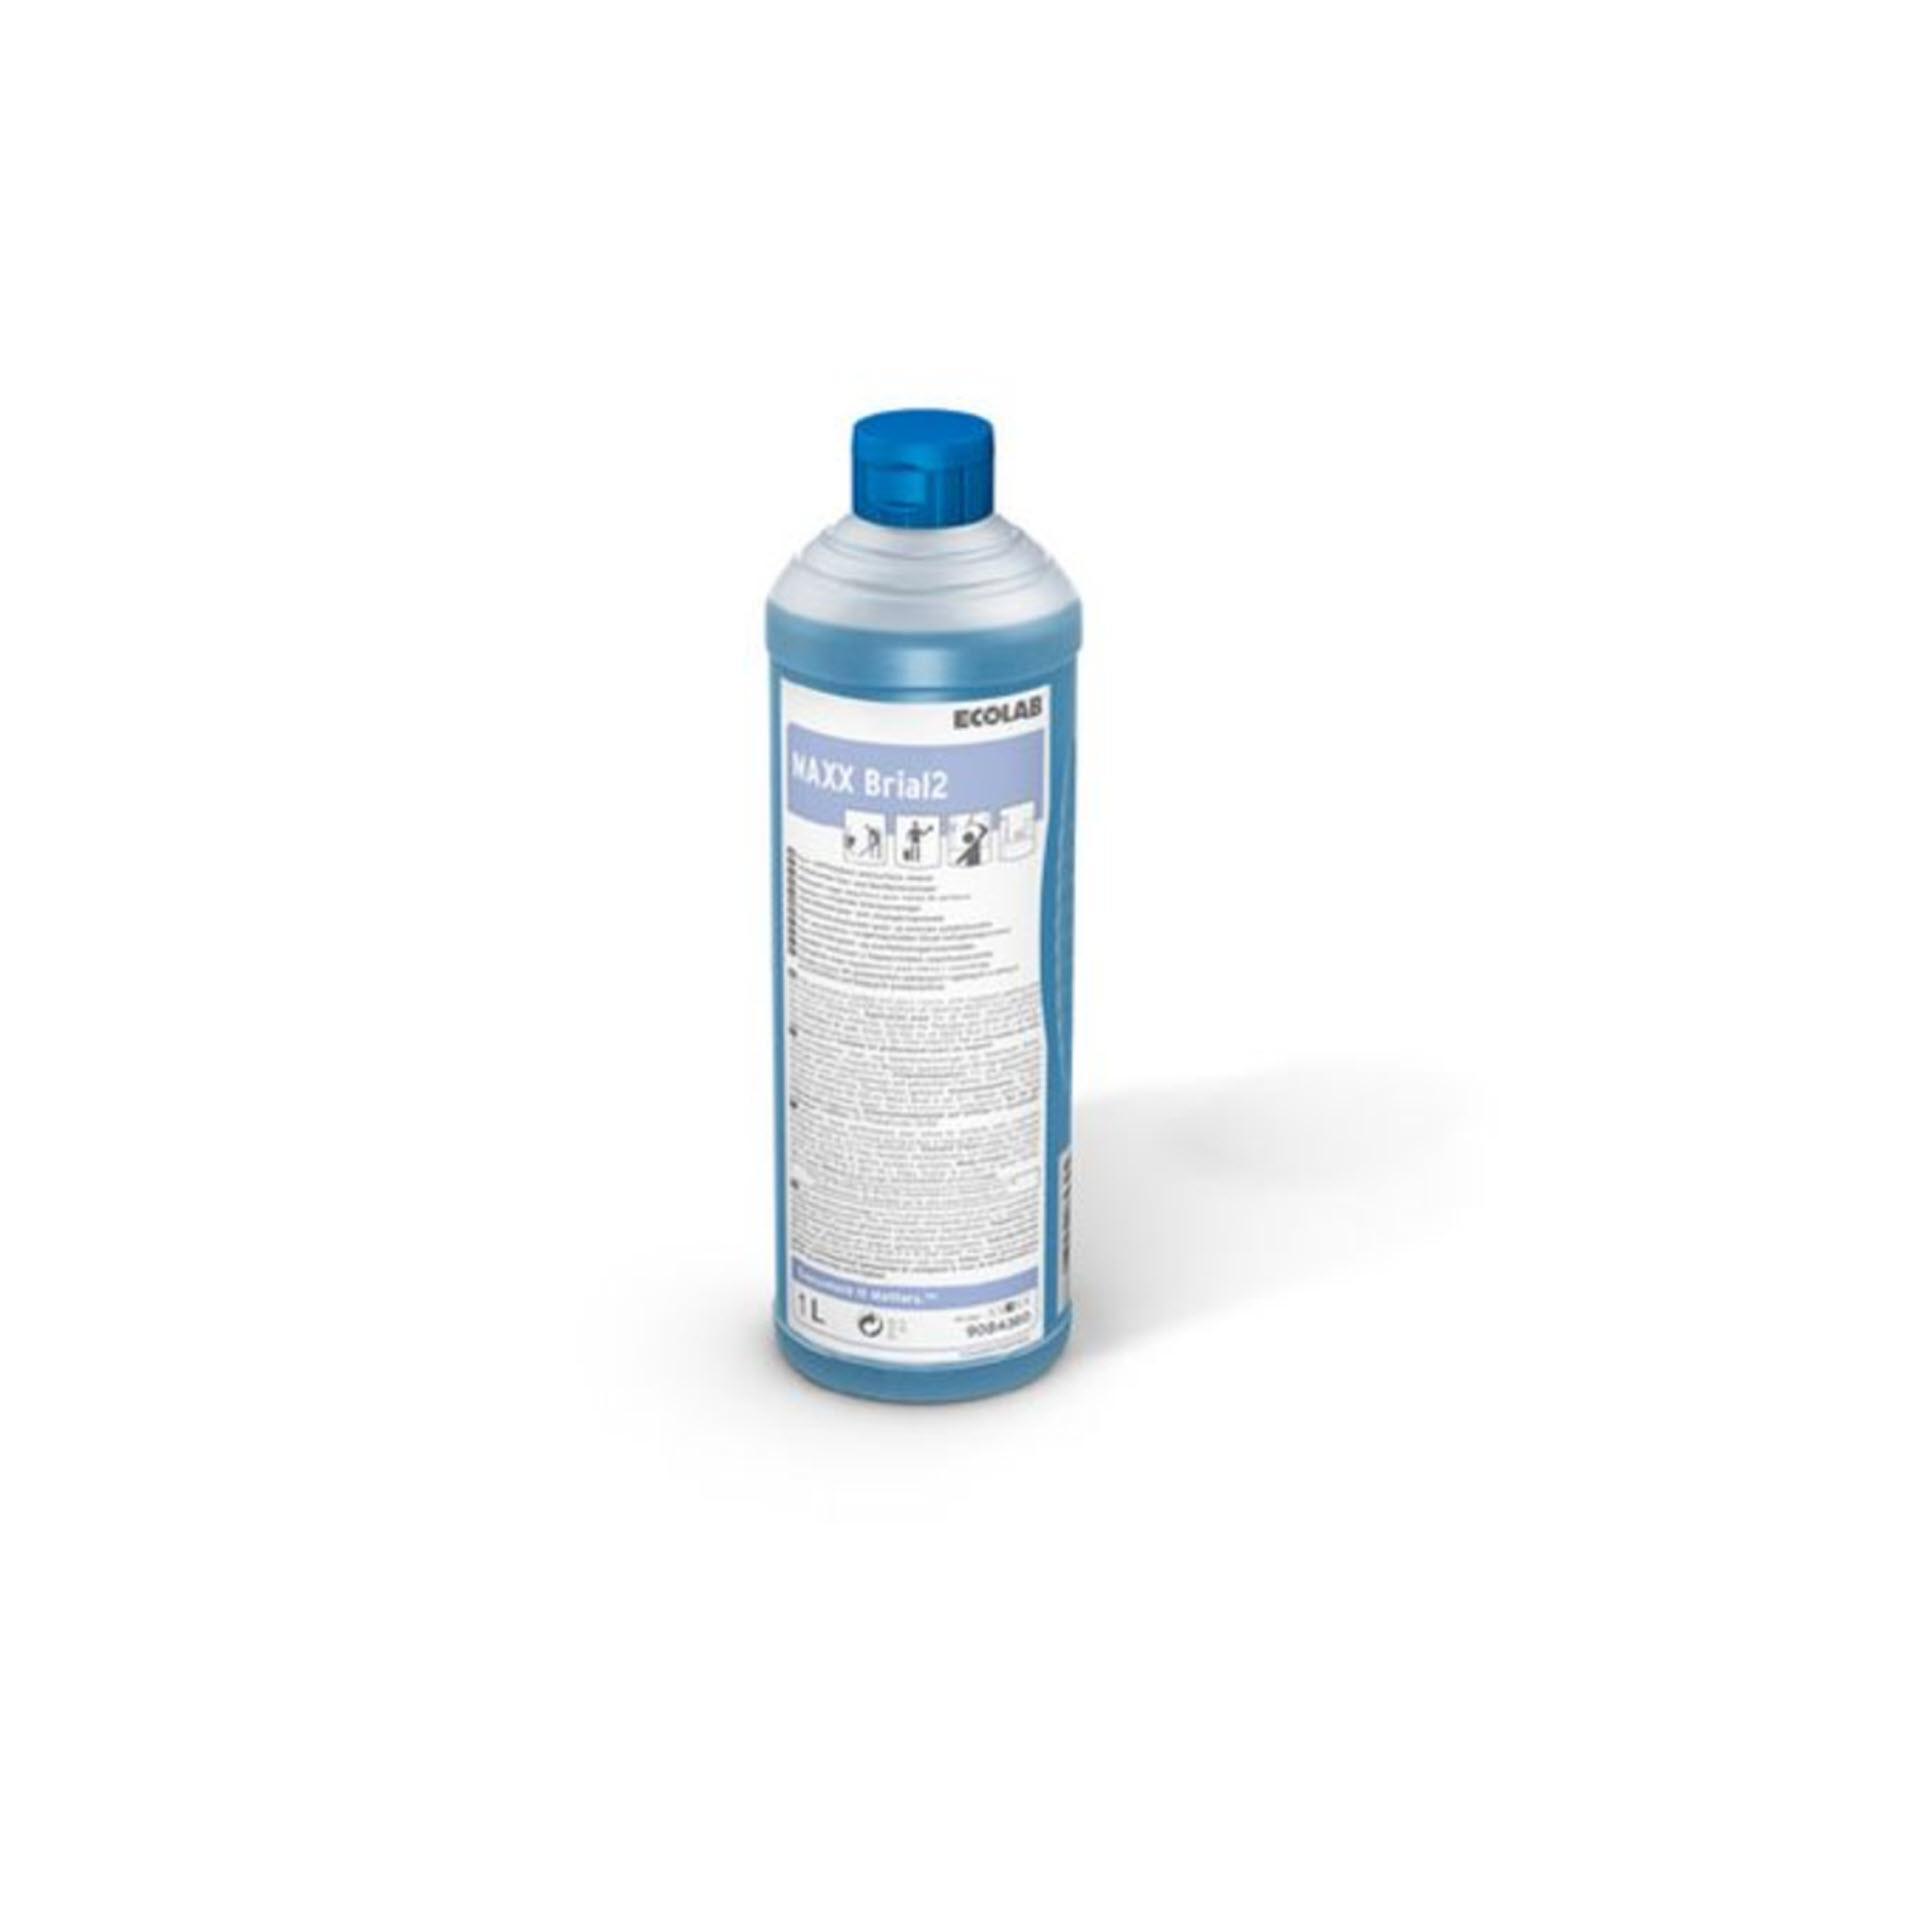 Ecolab MAXX Brial 2  Glas- und Oberflächenreiniger - 1 Liter Rundflasche